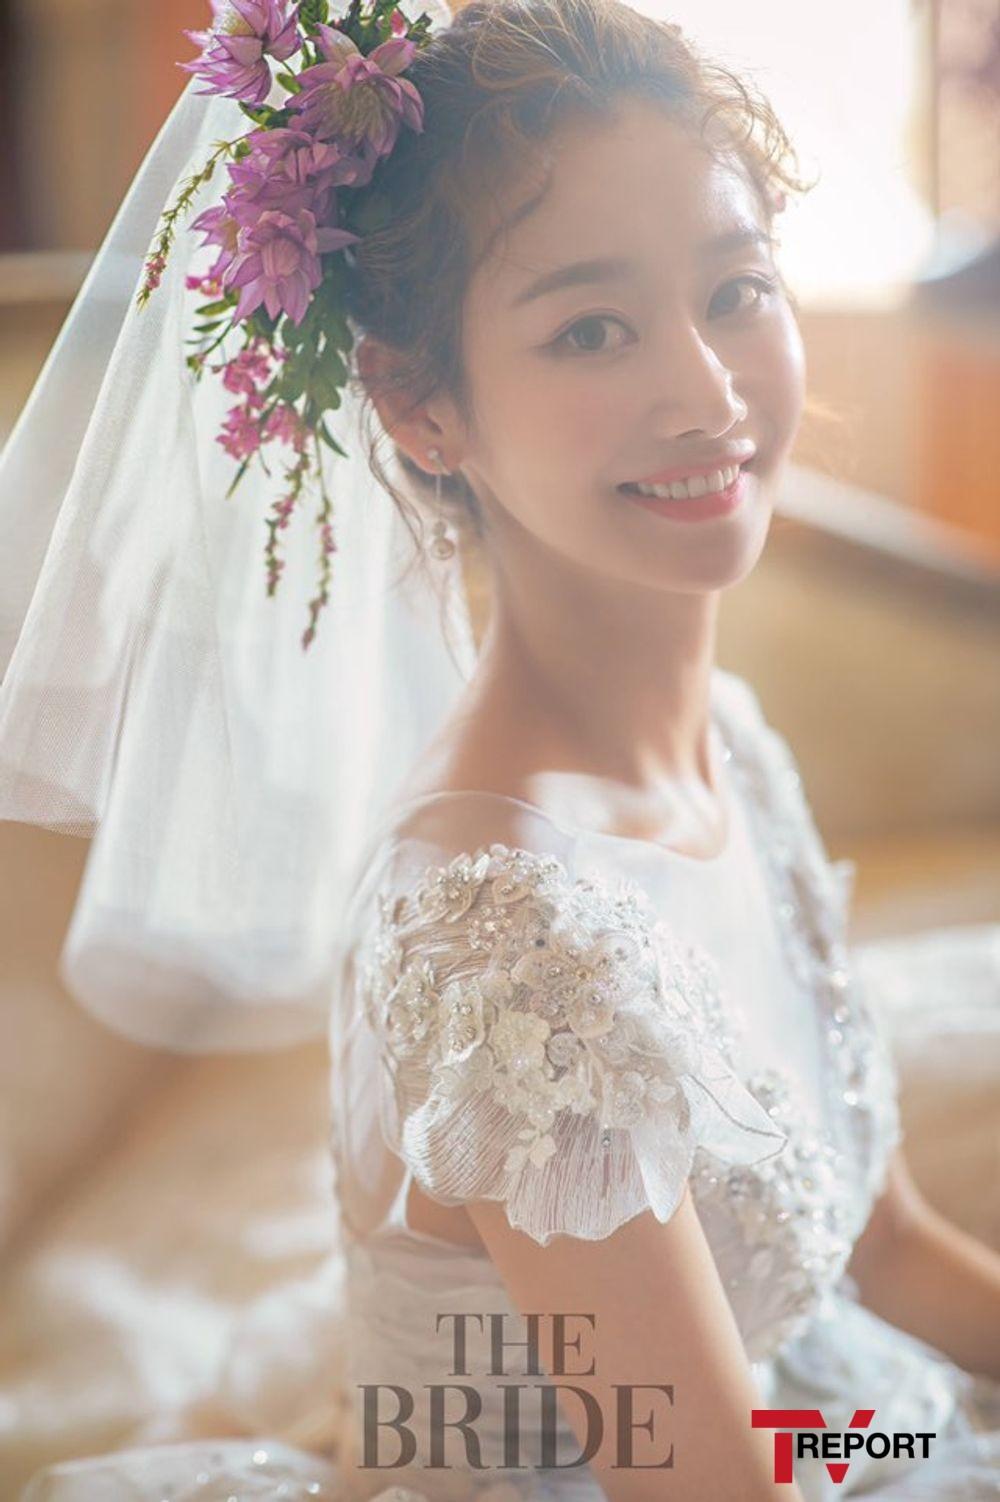 [단독] 크레용팝 금미, 2월 23일 결혼...예비신랑은 동갑내기 사업가